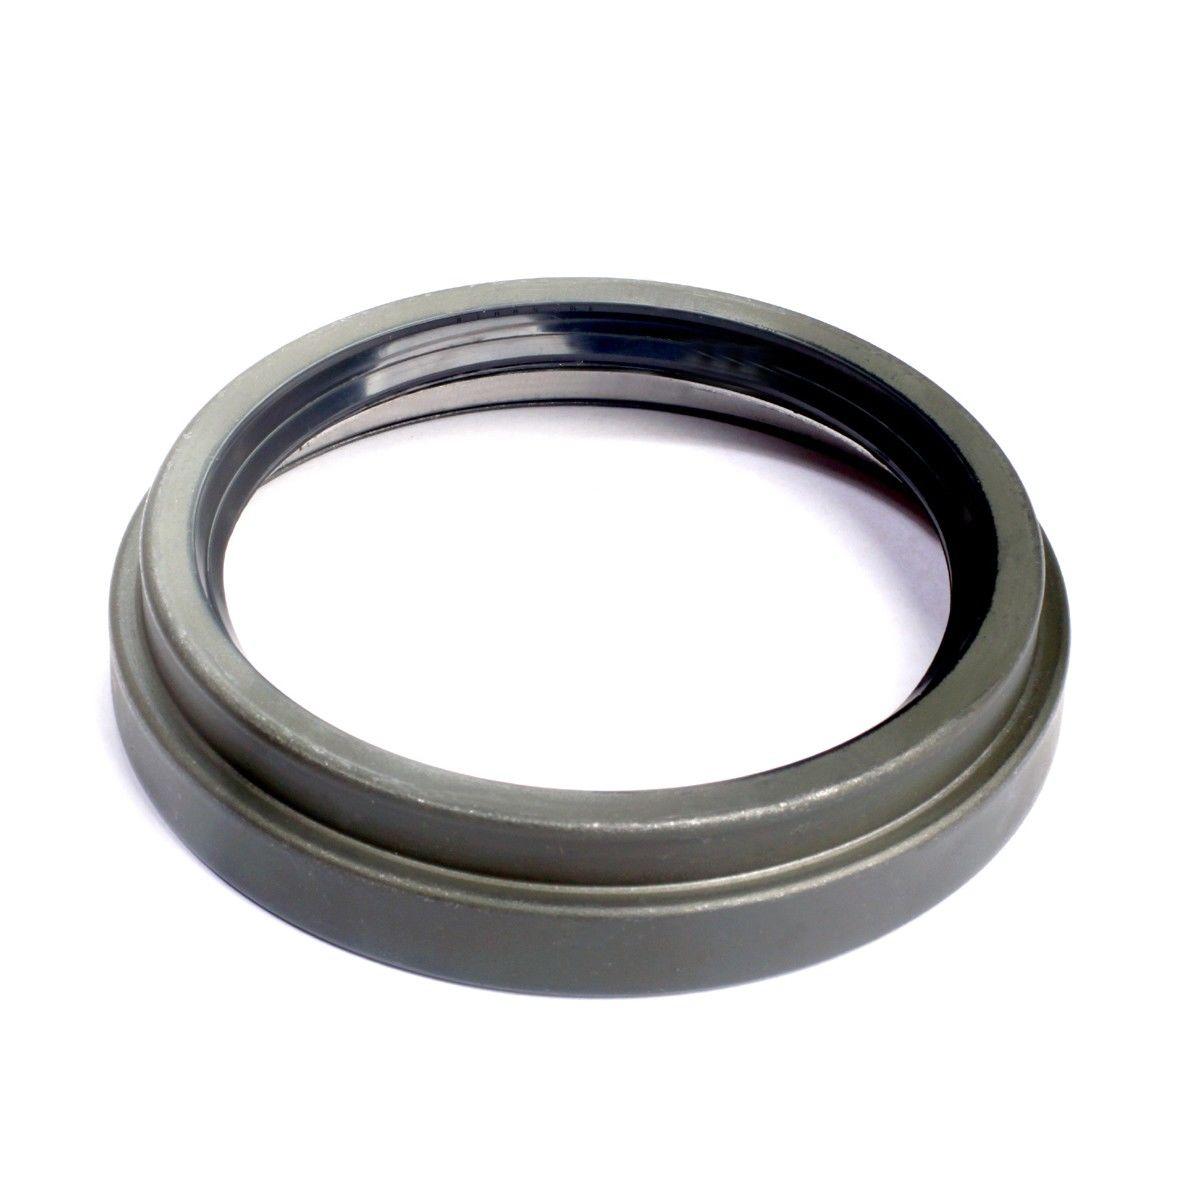 Retentor Roda Traseira F600 / F1000 / F22000 Interno